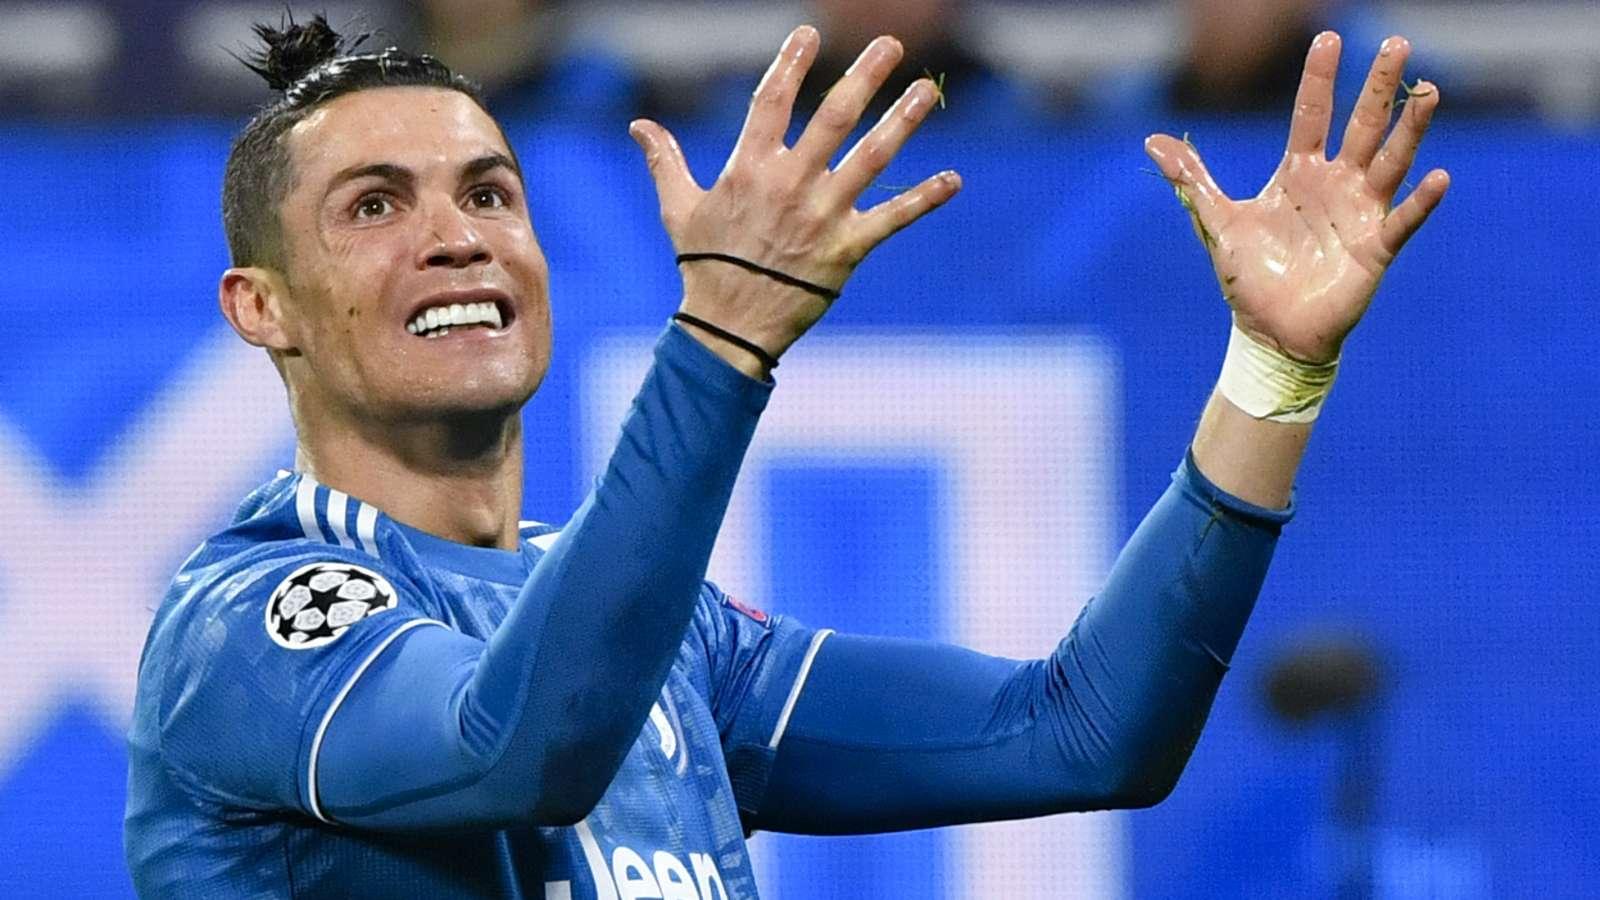 Bedah Mitos: Apa Benar Cristiano Ronaldo Jago Tendangan Bebas?